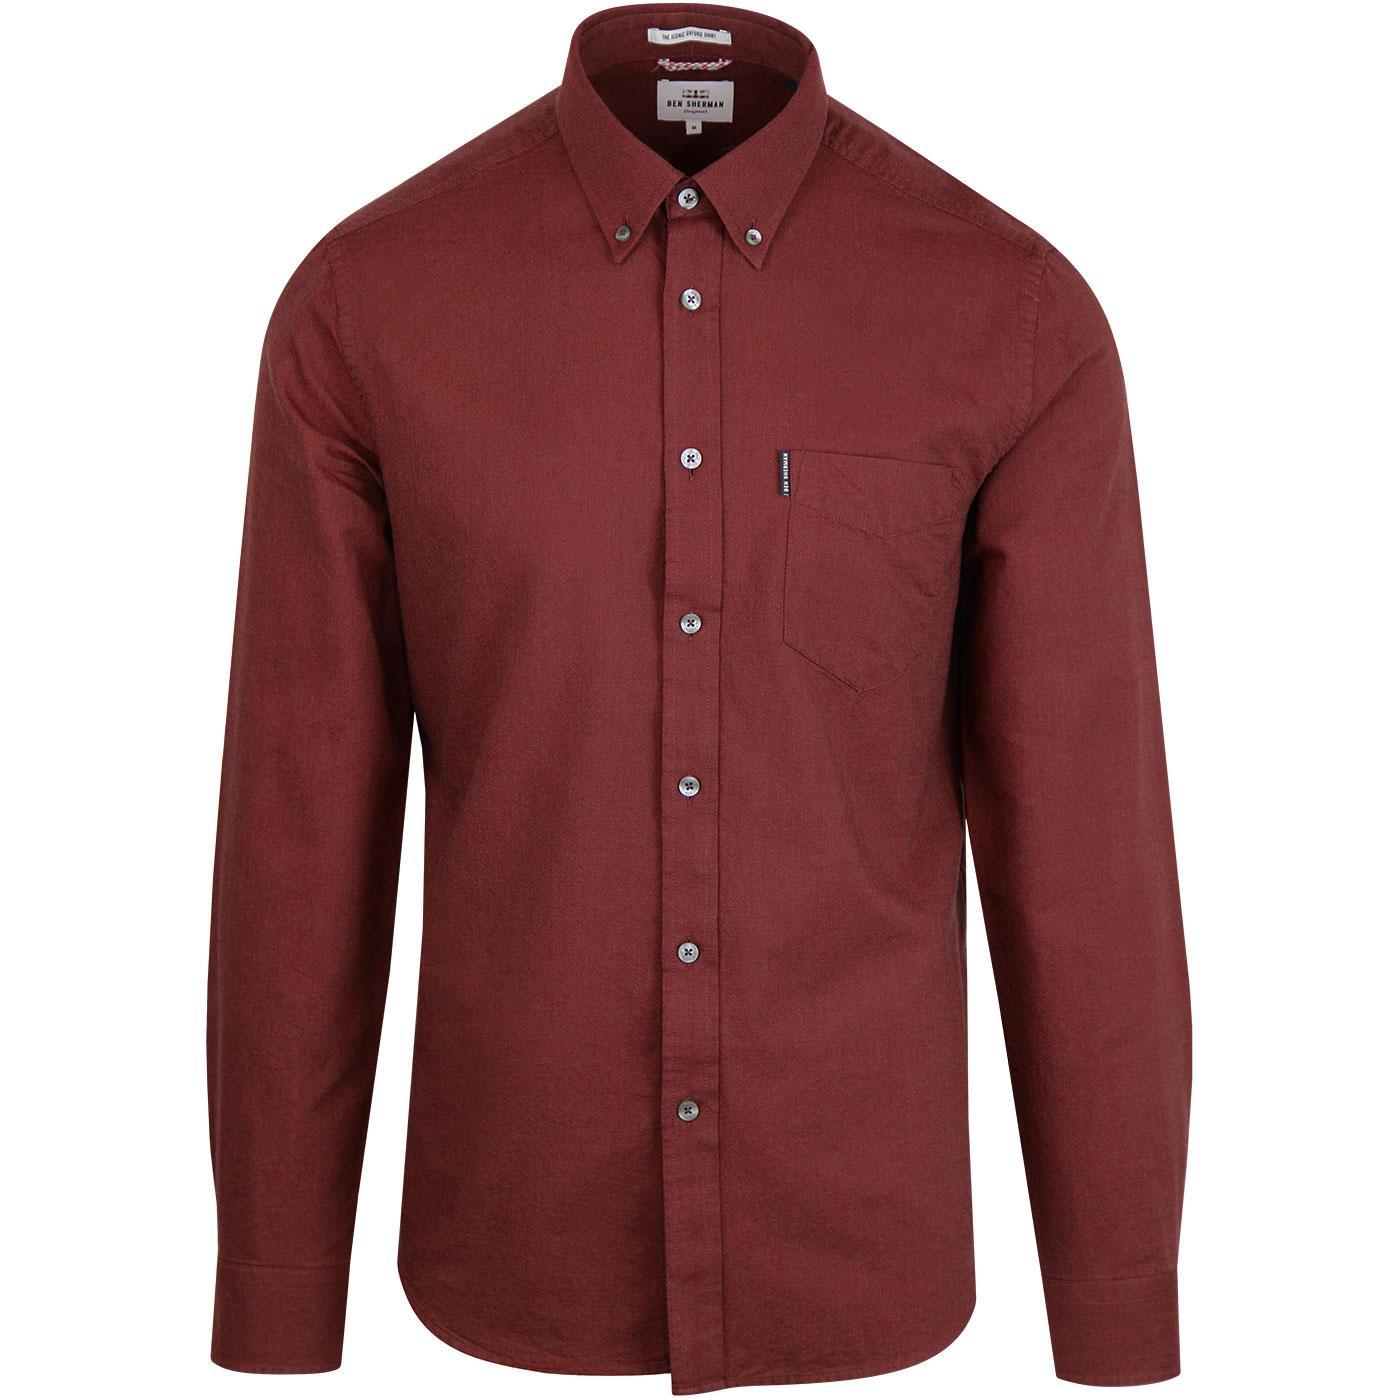 BEN SHERMAN Mod Button Down Oxford Shirt (Rose)